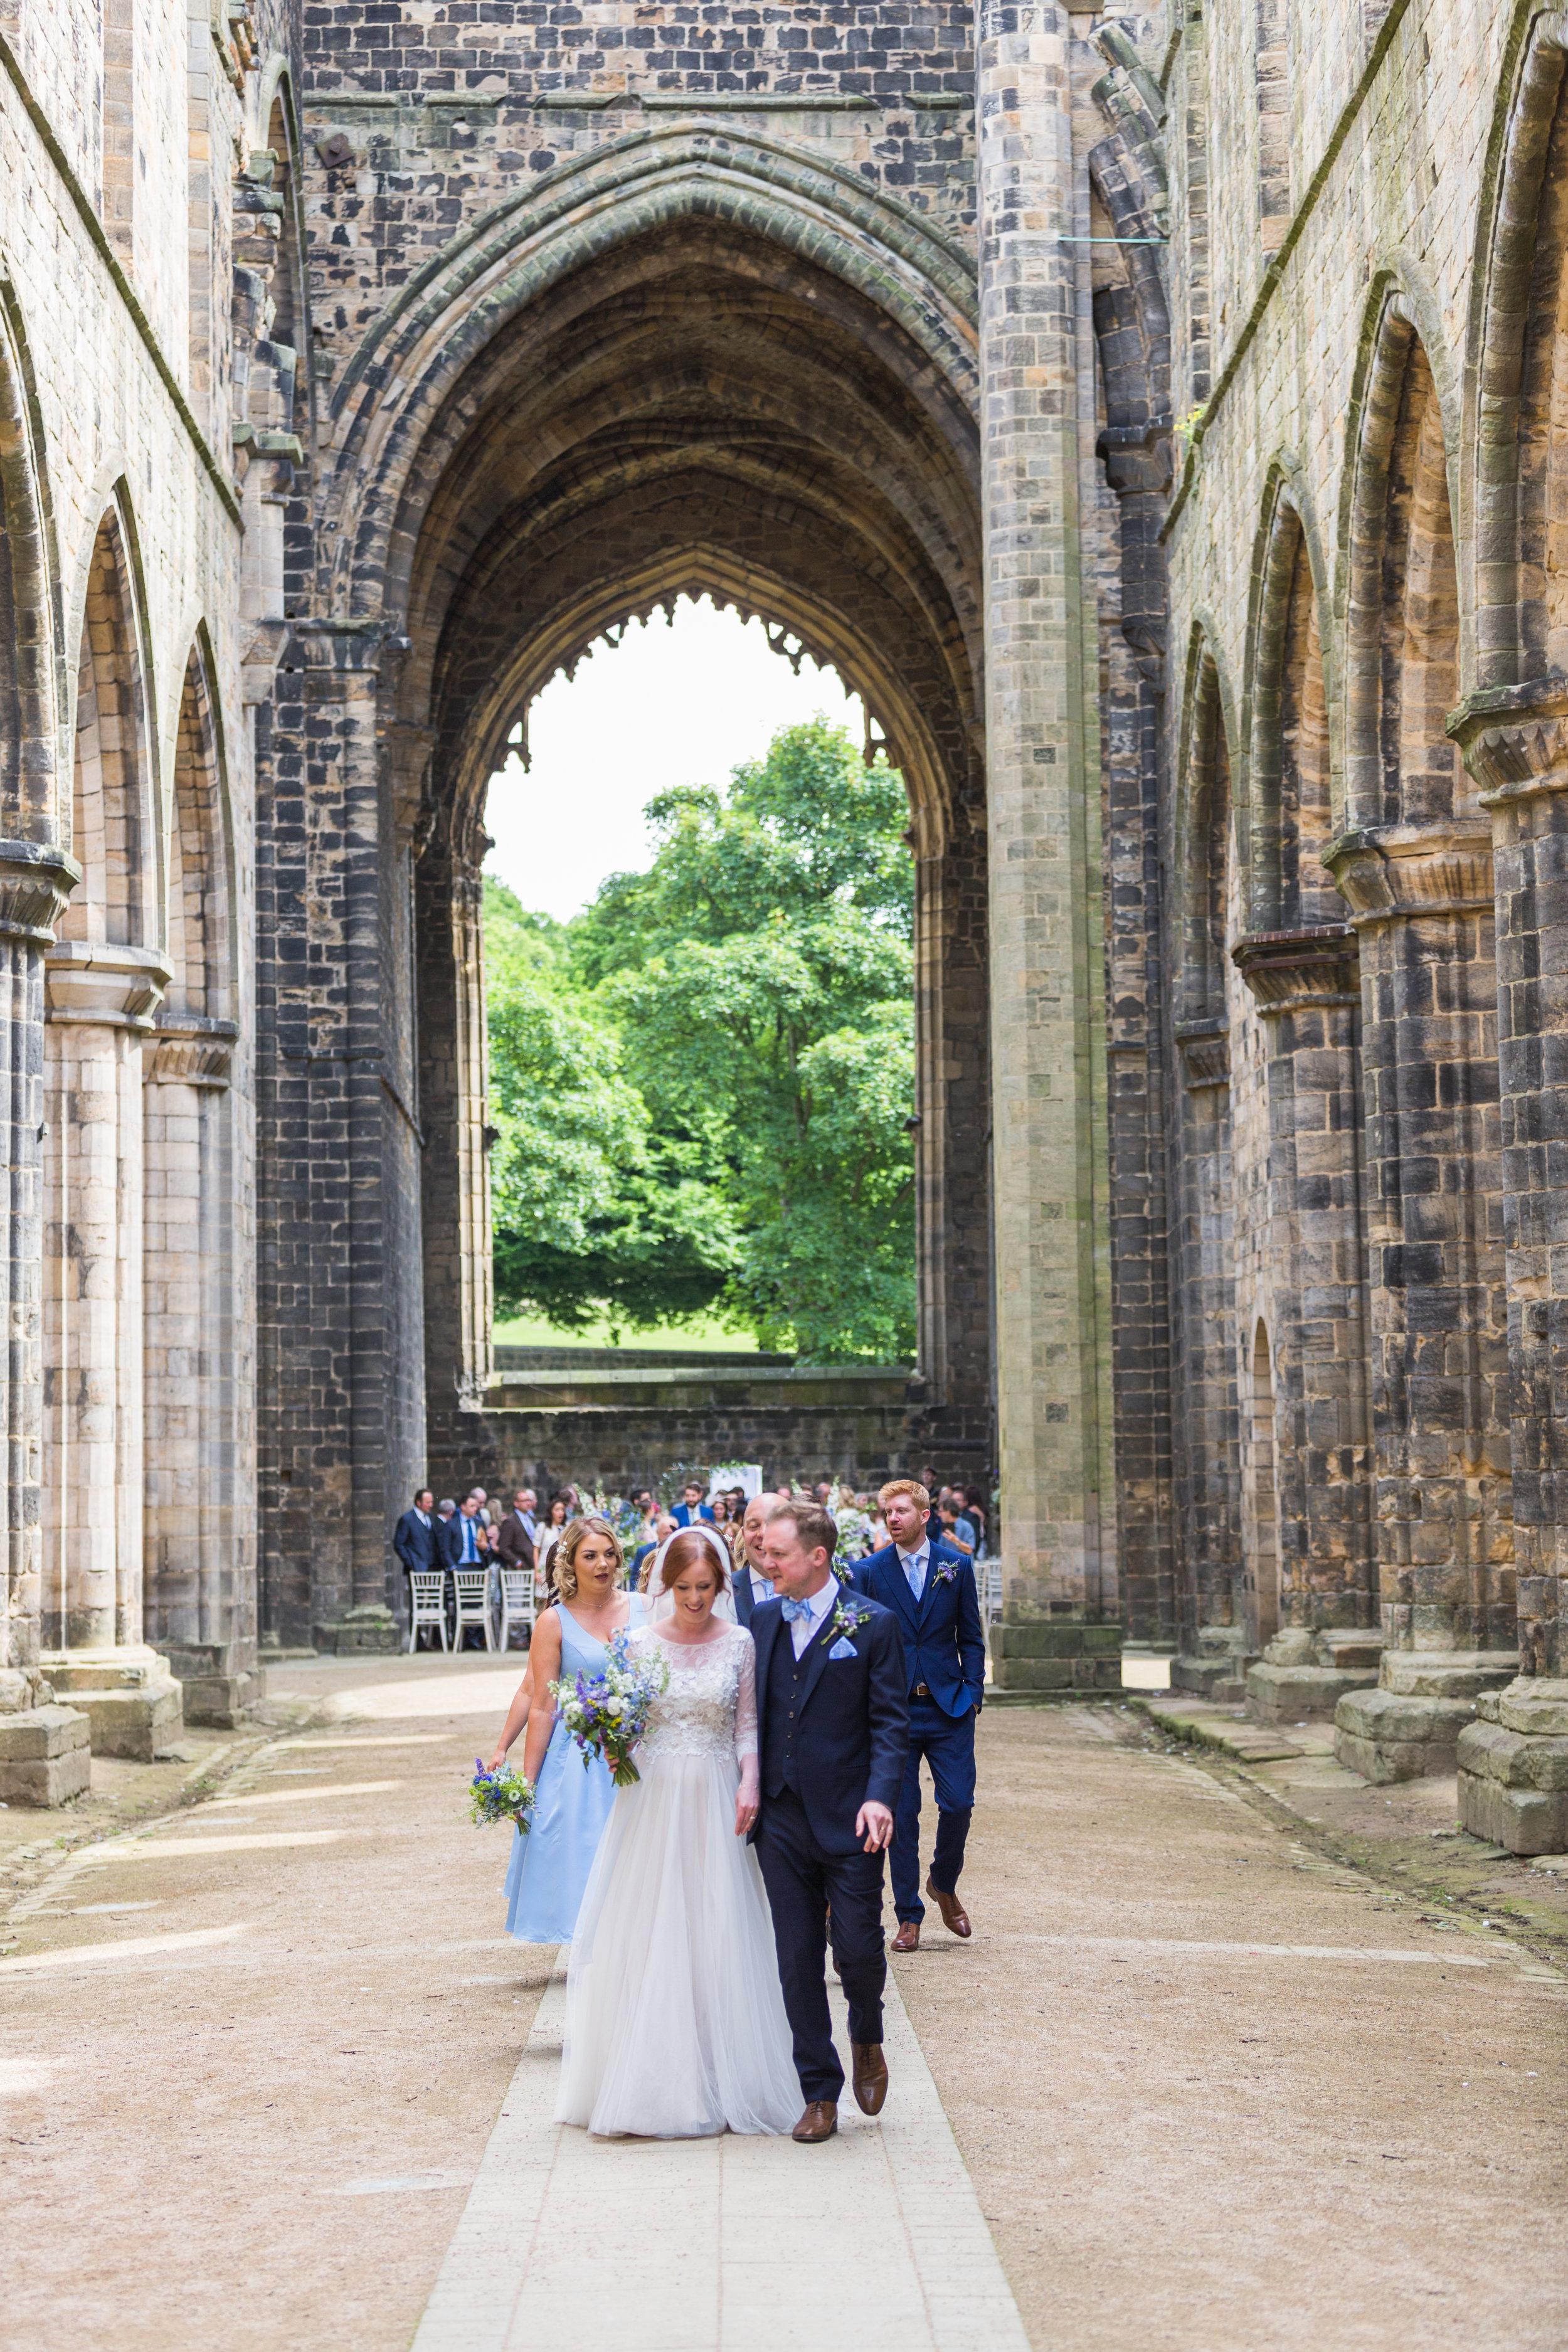 Kirkstall Abbey-Leeds-Wedding venue